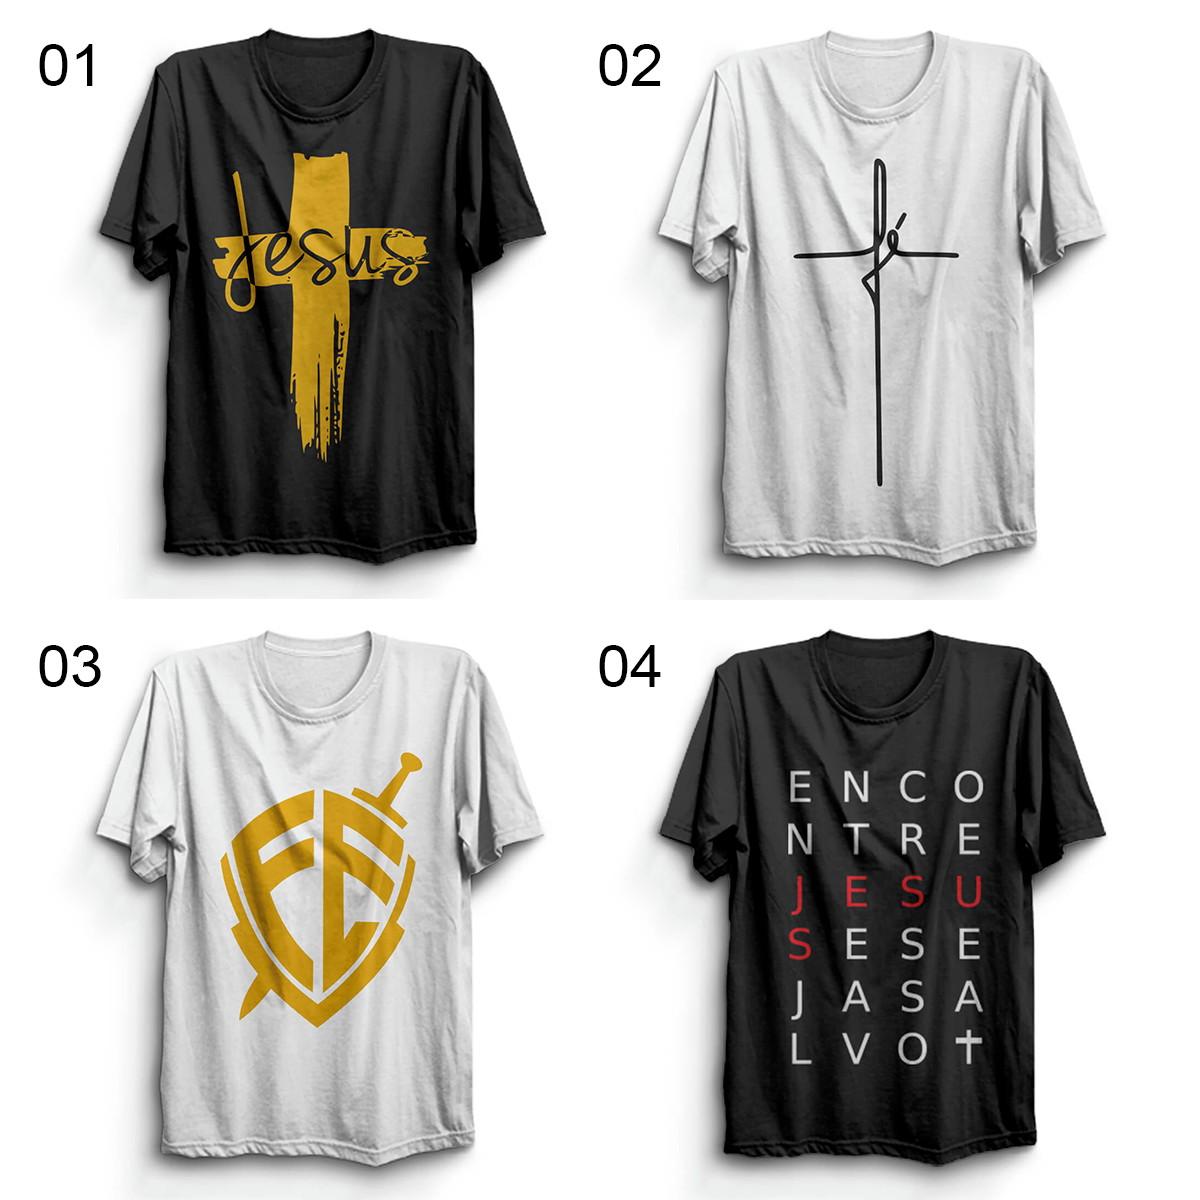 307e3f6108 Kit 06 Camisas Camisetas Gospel Cristã Atacado Revenda no Elo7 ...